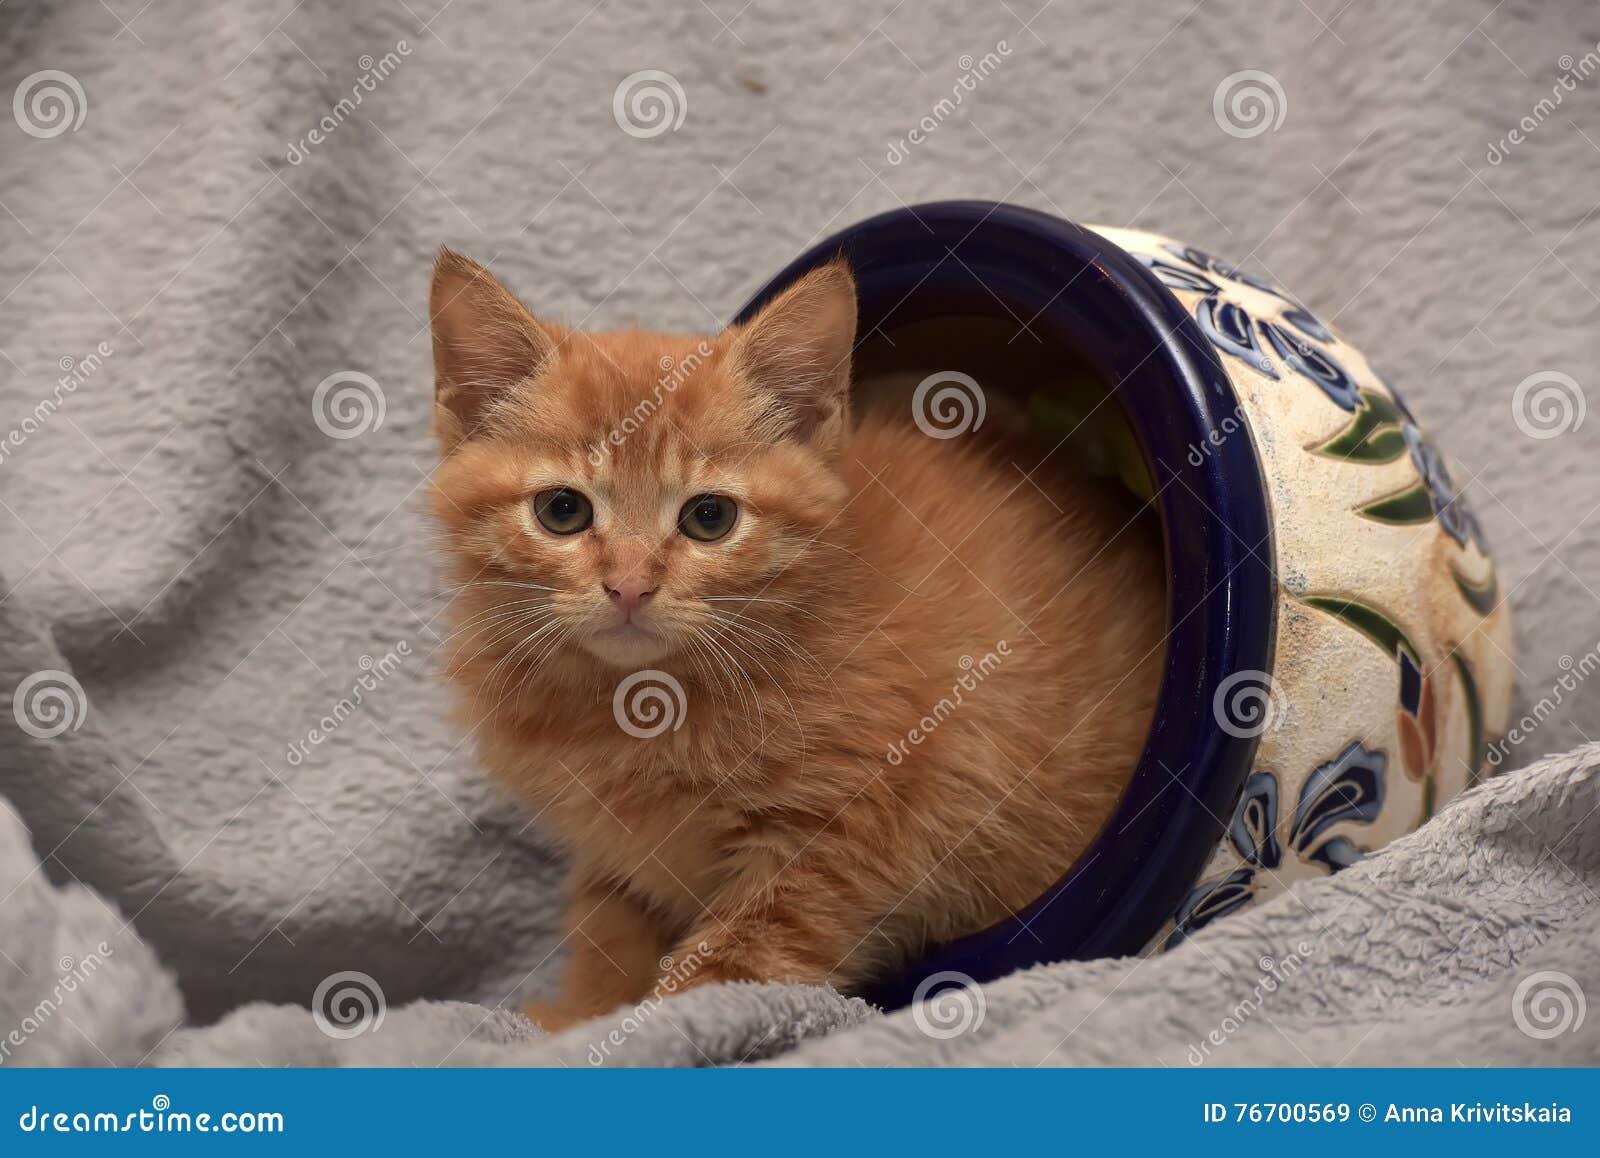 Gullig ljust rödbrun kattunge och en blomkruka